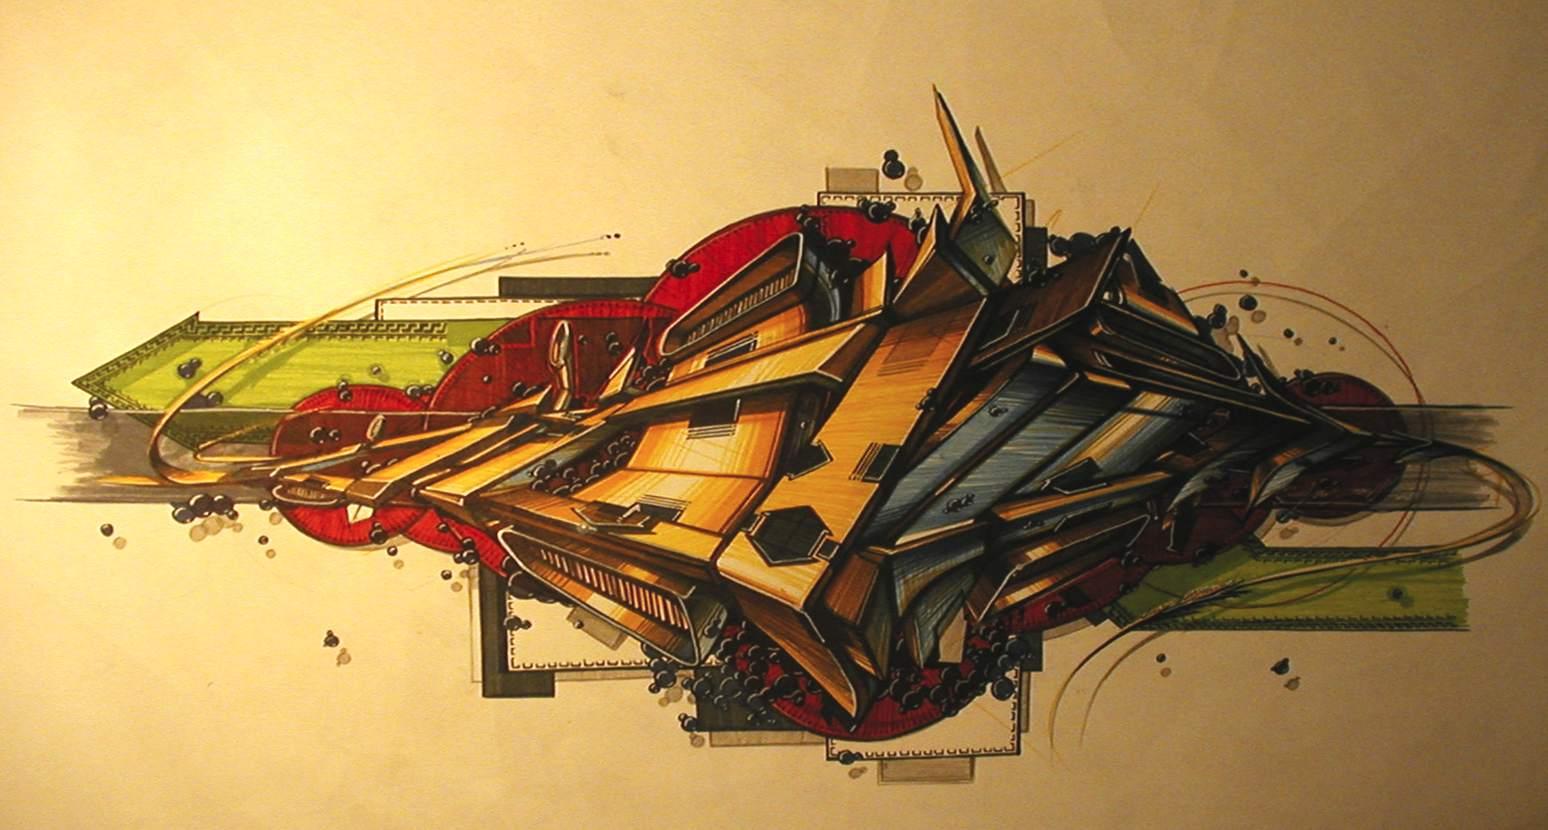 wallpaper wall art